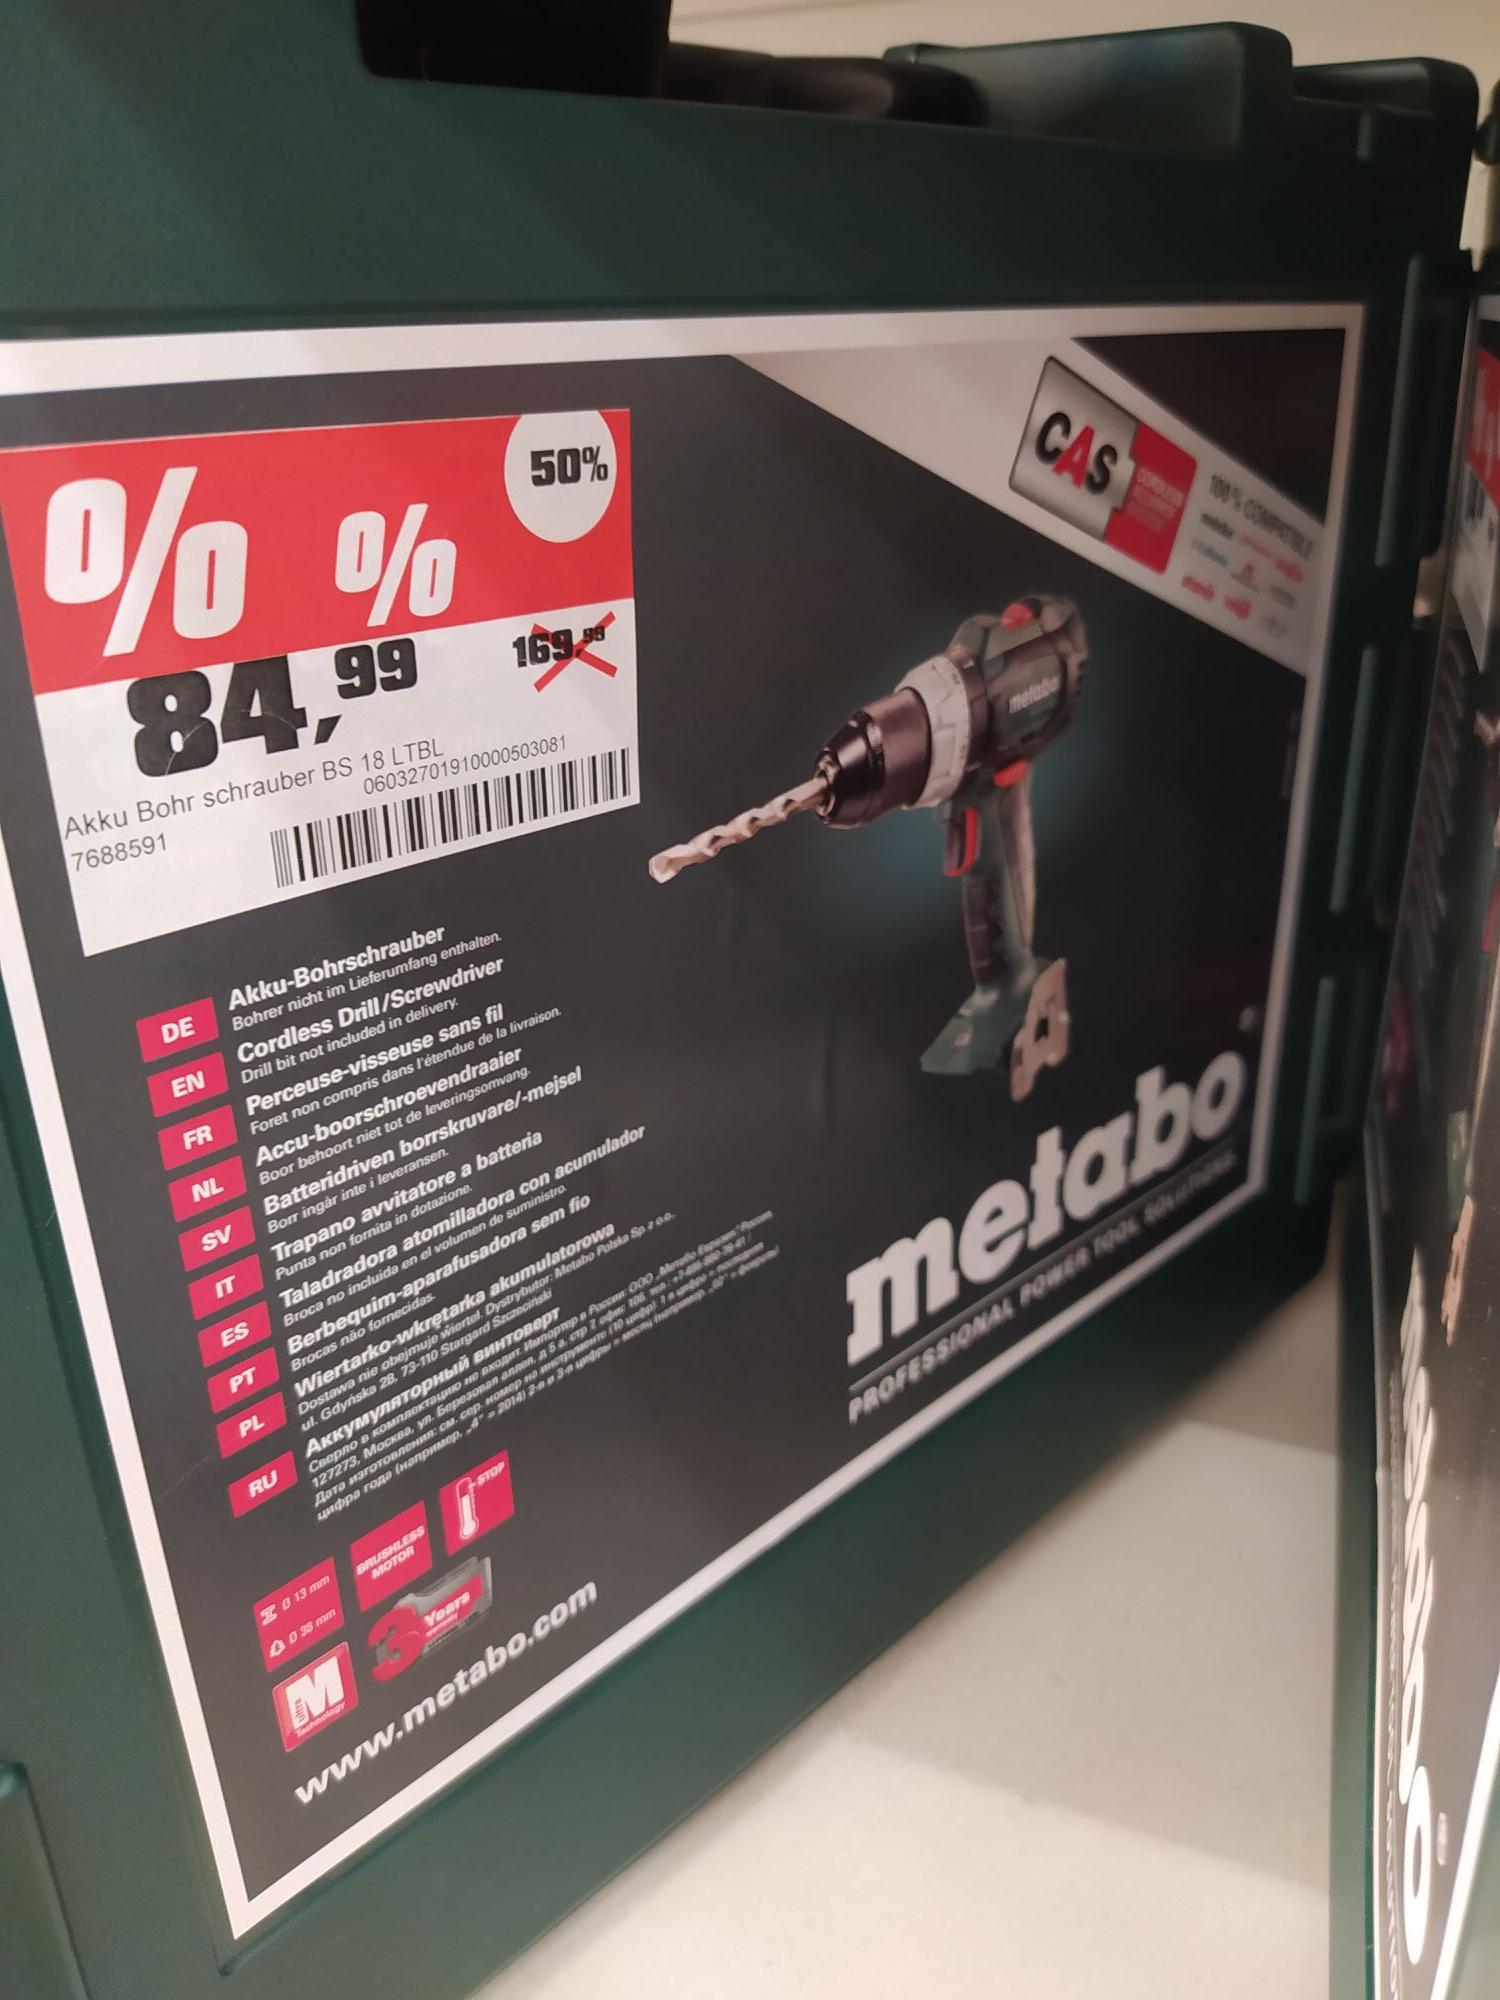 Hannover Laatzen - Metabo BS 18 LT BL - im Koffer ohne Akku - Bohrschrauber